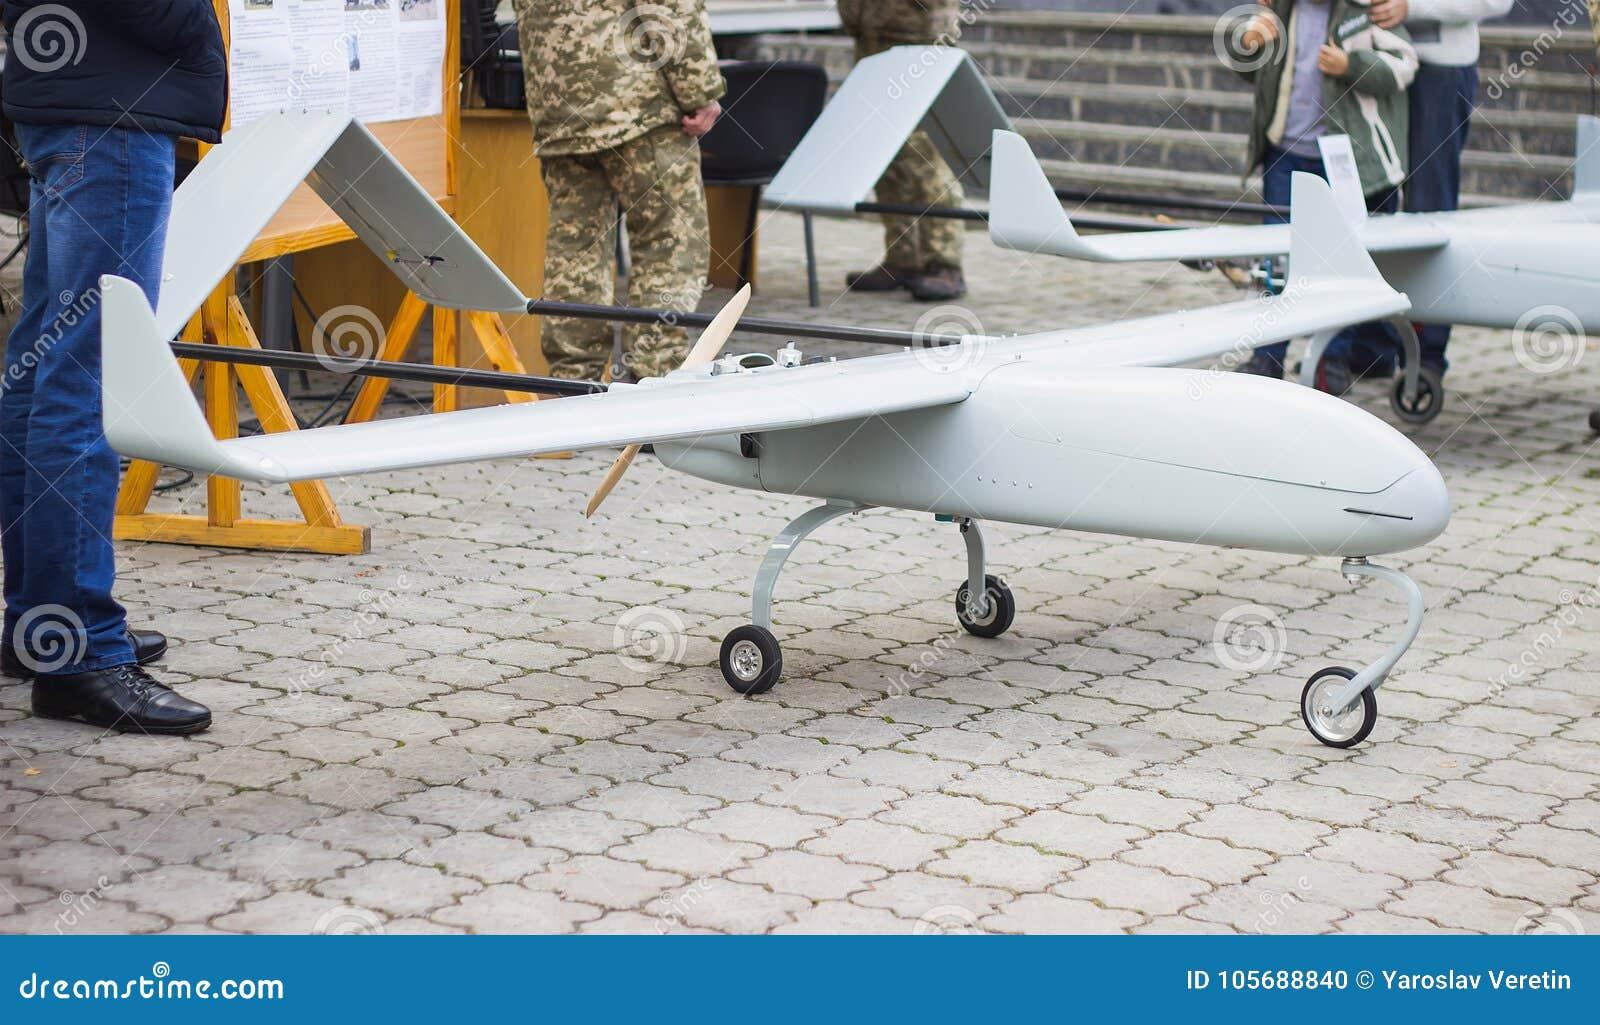 prix licence drone belgique